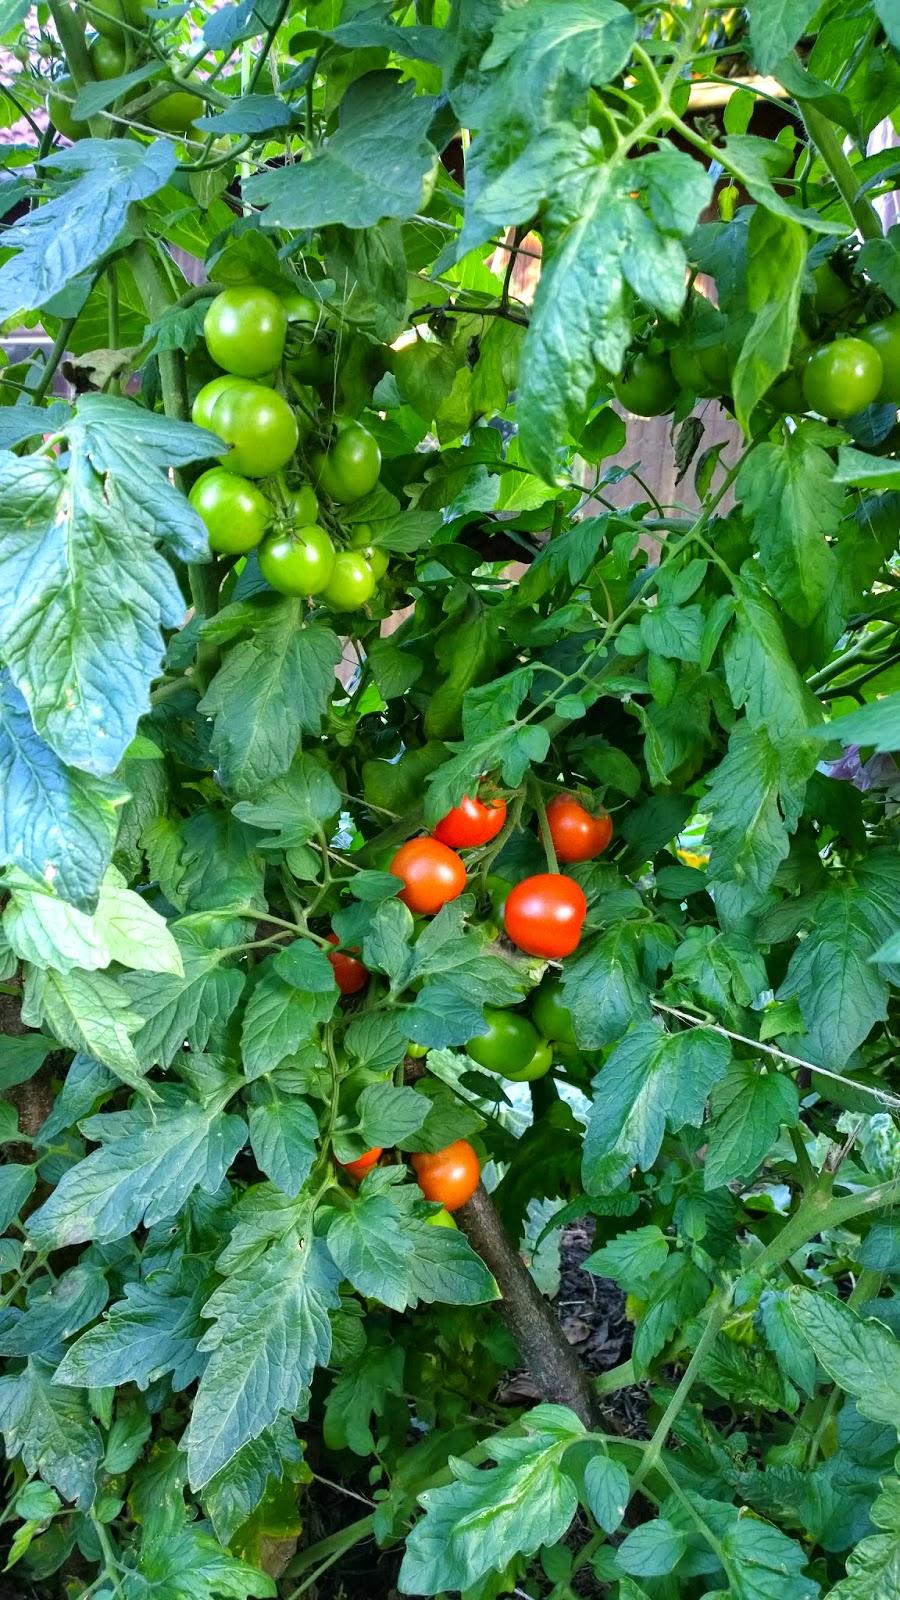 achimsgarten der selbstversorger und garten blog braunf ule an den kartoffeln erste tomaten. Black Bedroom Furniture Sets. Home Design Ideas